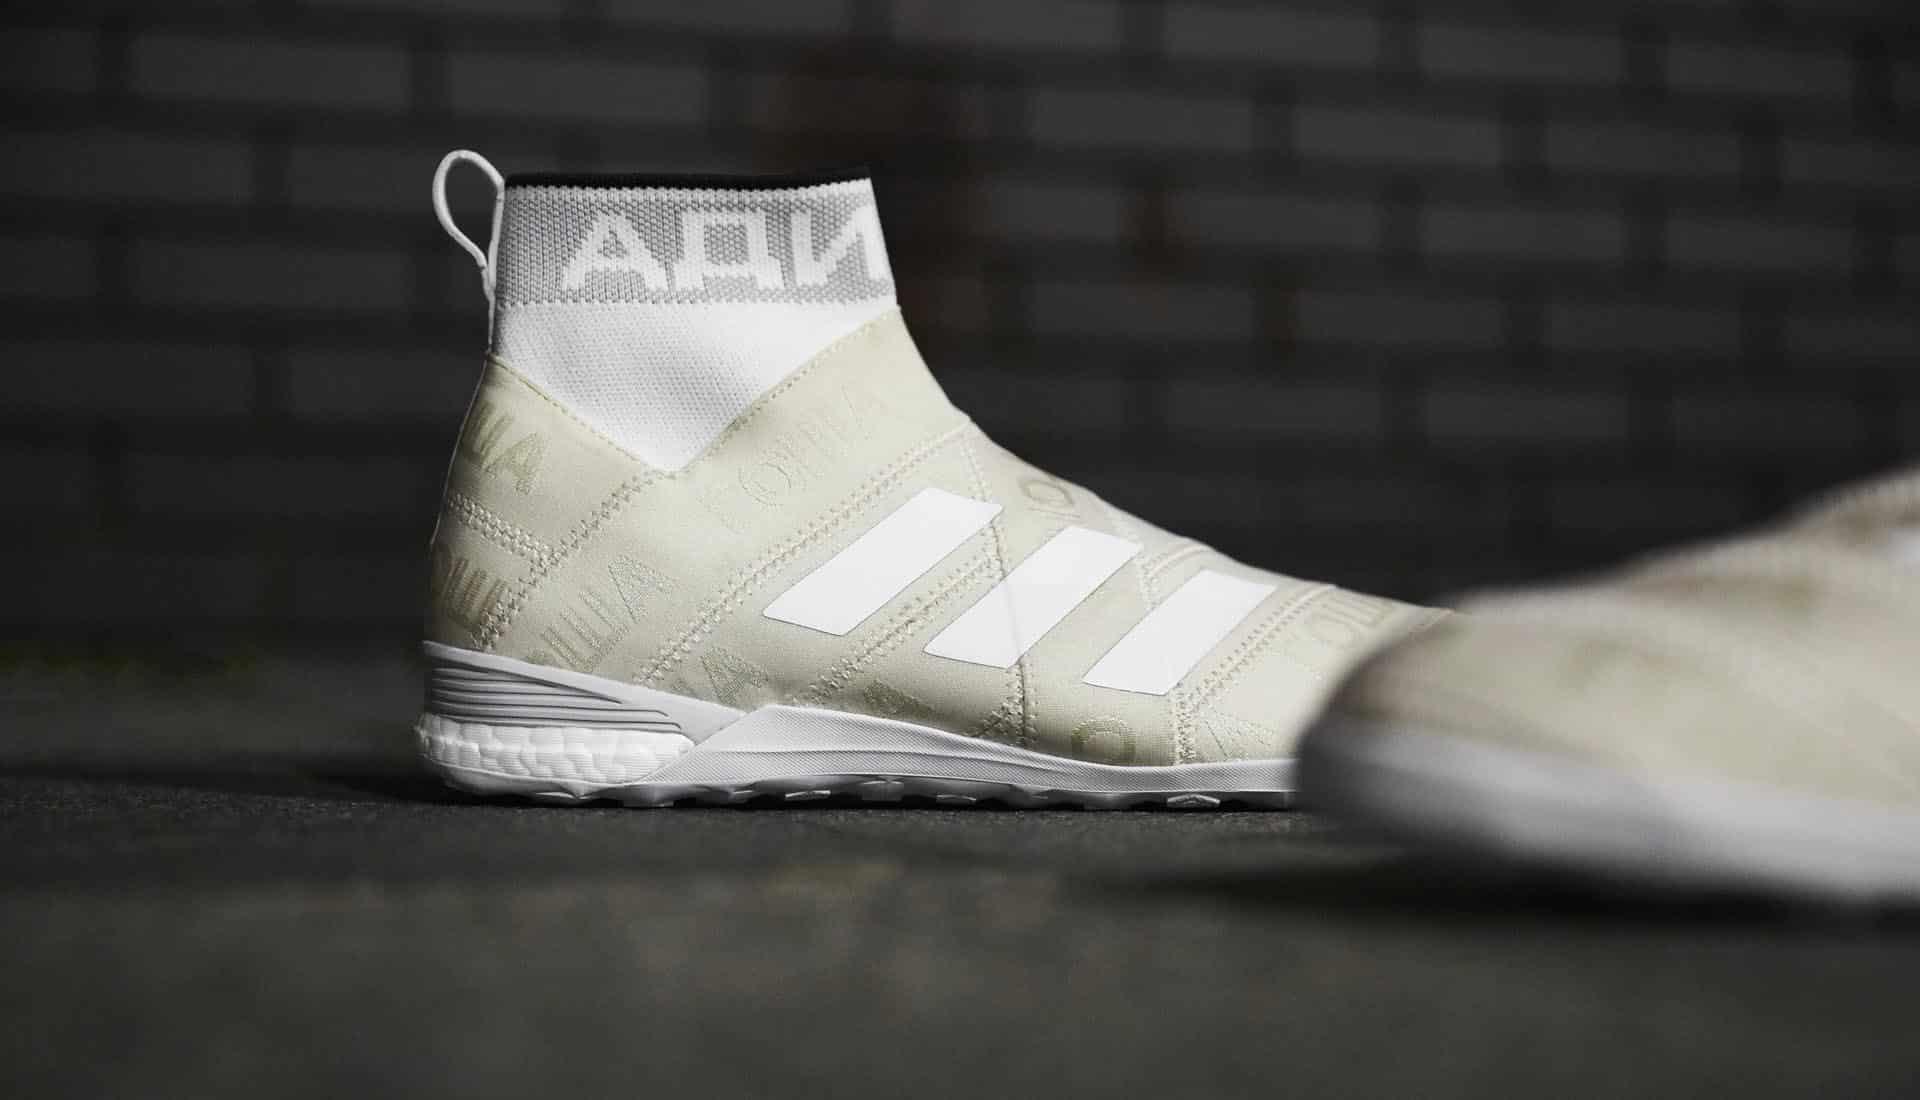 chaussures-lifestyle-adidas-x-gosha-rubchinskiy-nemeziz-img5